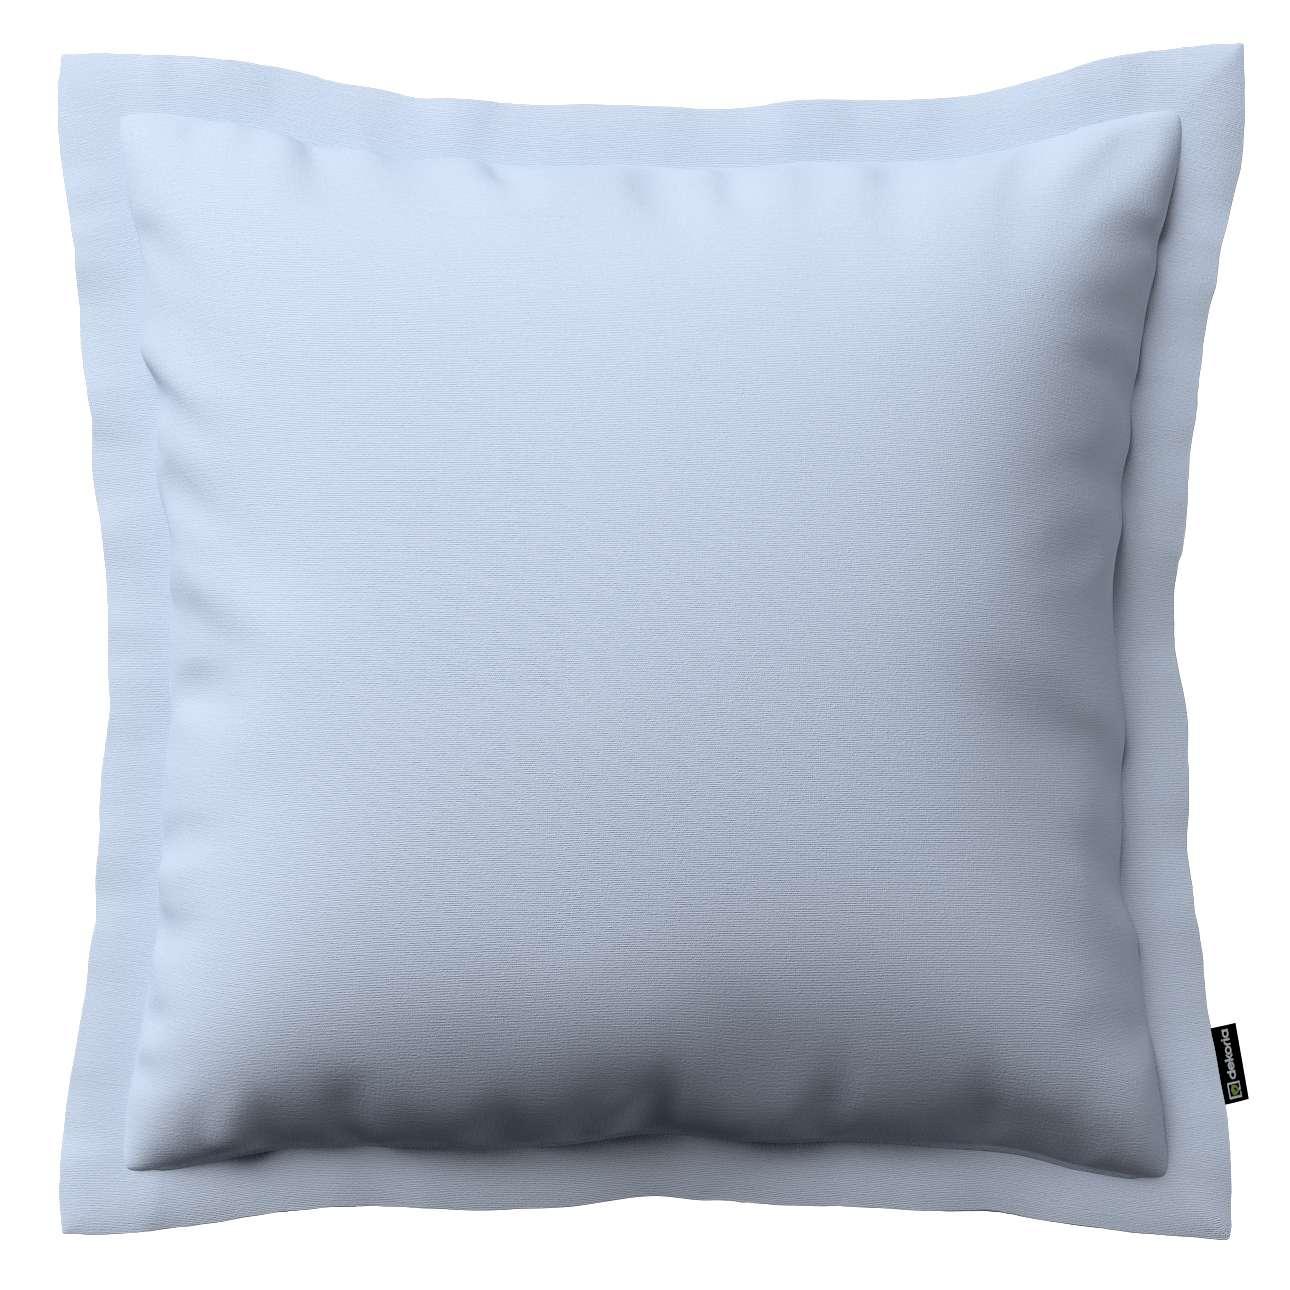 Poszewka Mona na poduszkę 45x45 cm w kolekcji Loneta, tkanina: 133-35